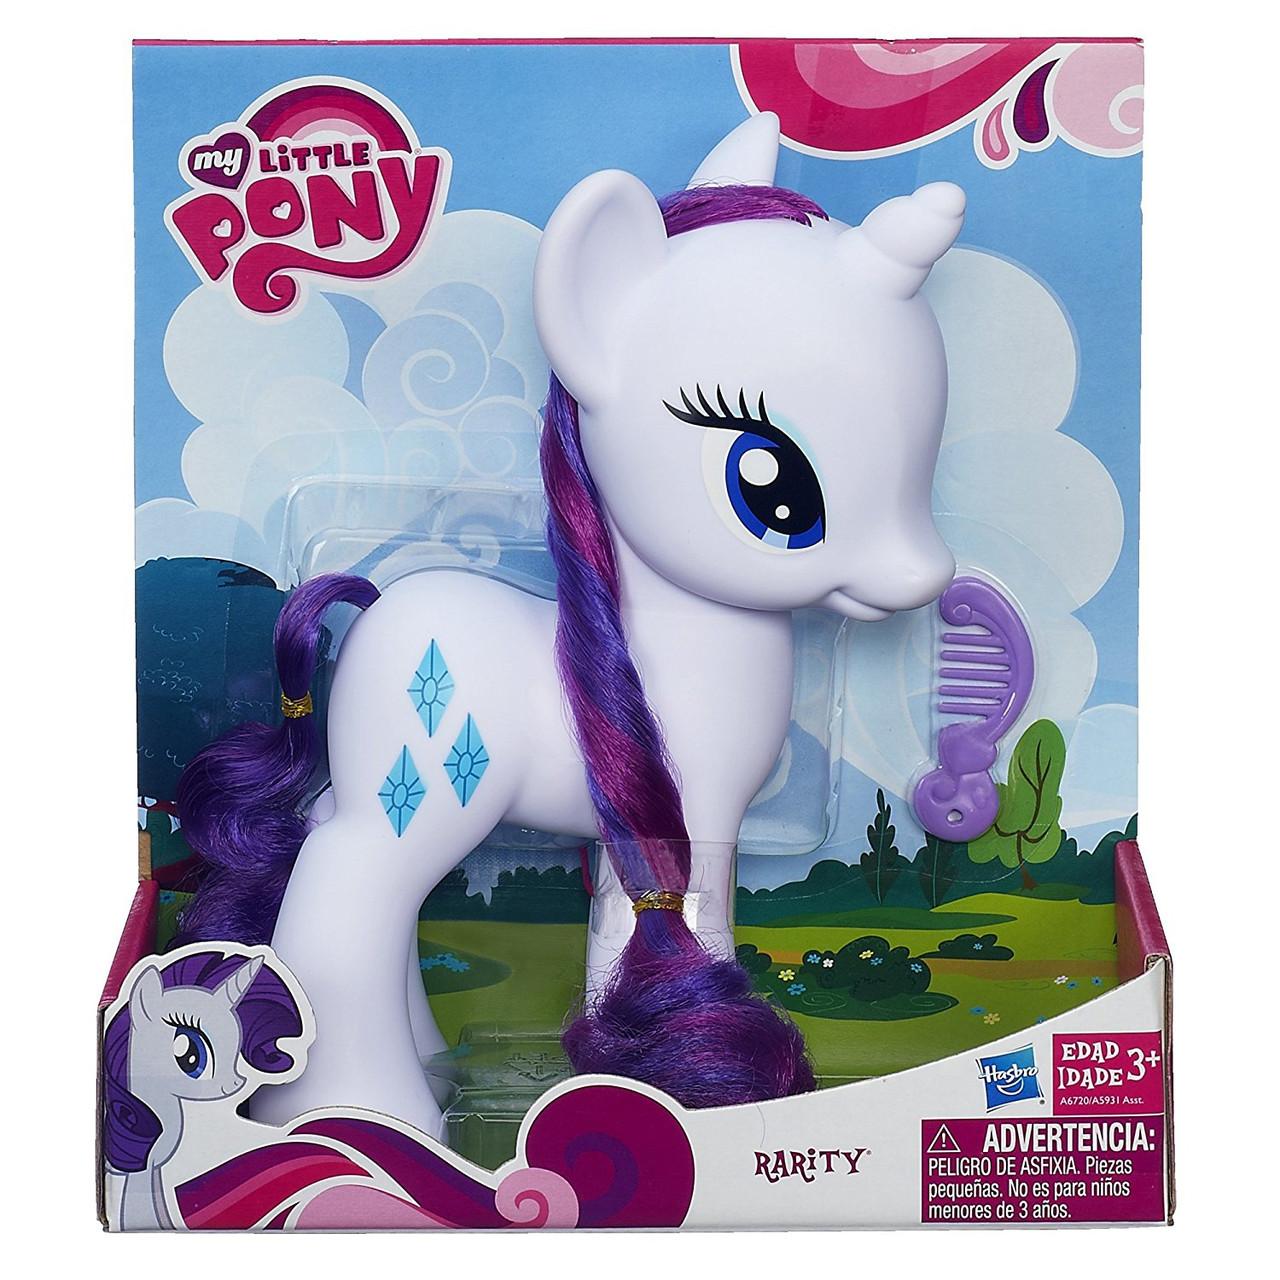 Большая игрушка Рарити, Мой маленький Пони - Rarity, My Little Pony, 20 CM, Hasbro